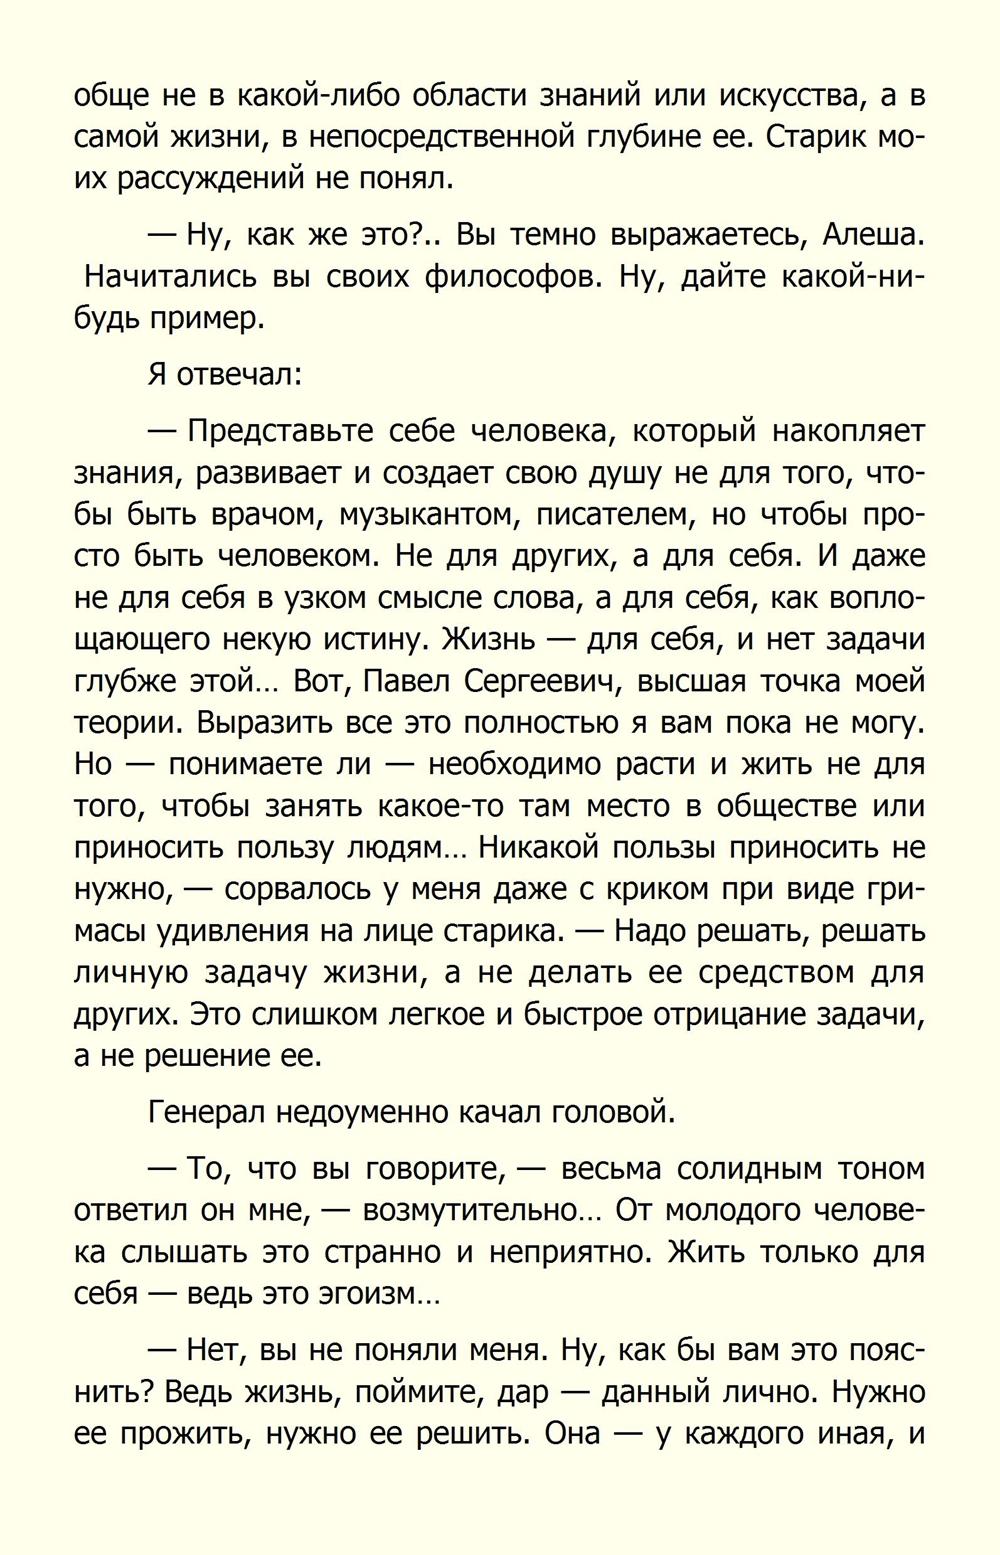 http://ipic.su/img/img7/fs/LenskijMuravev.1584704303.jpg